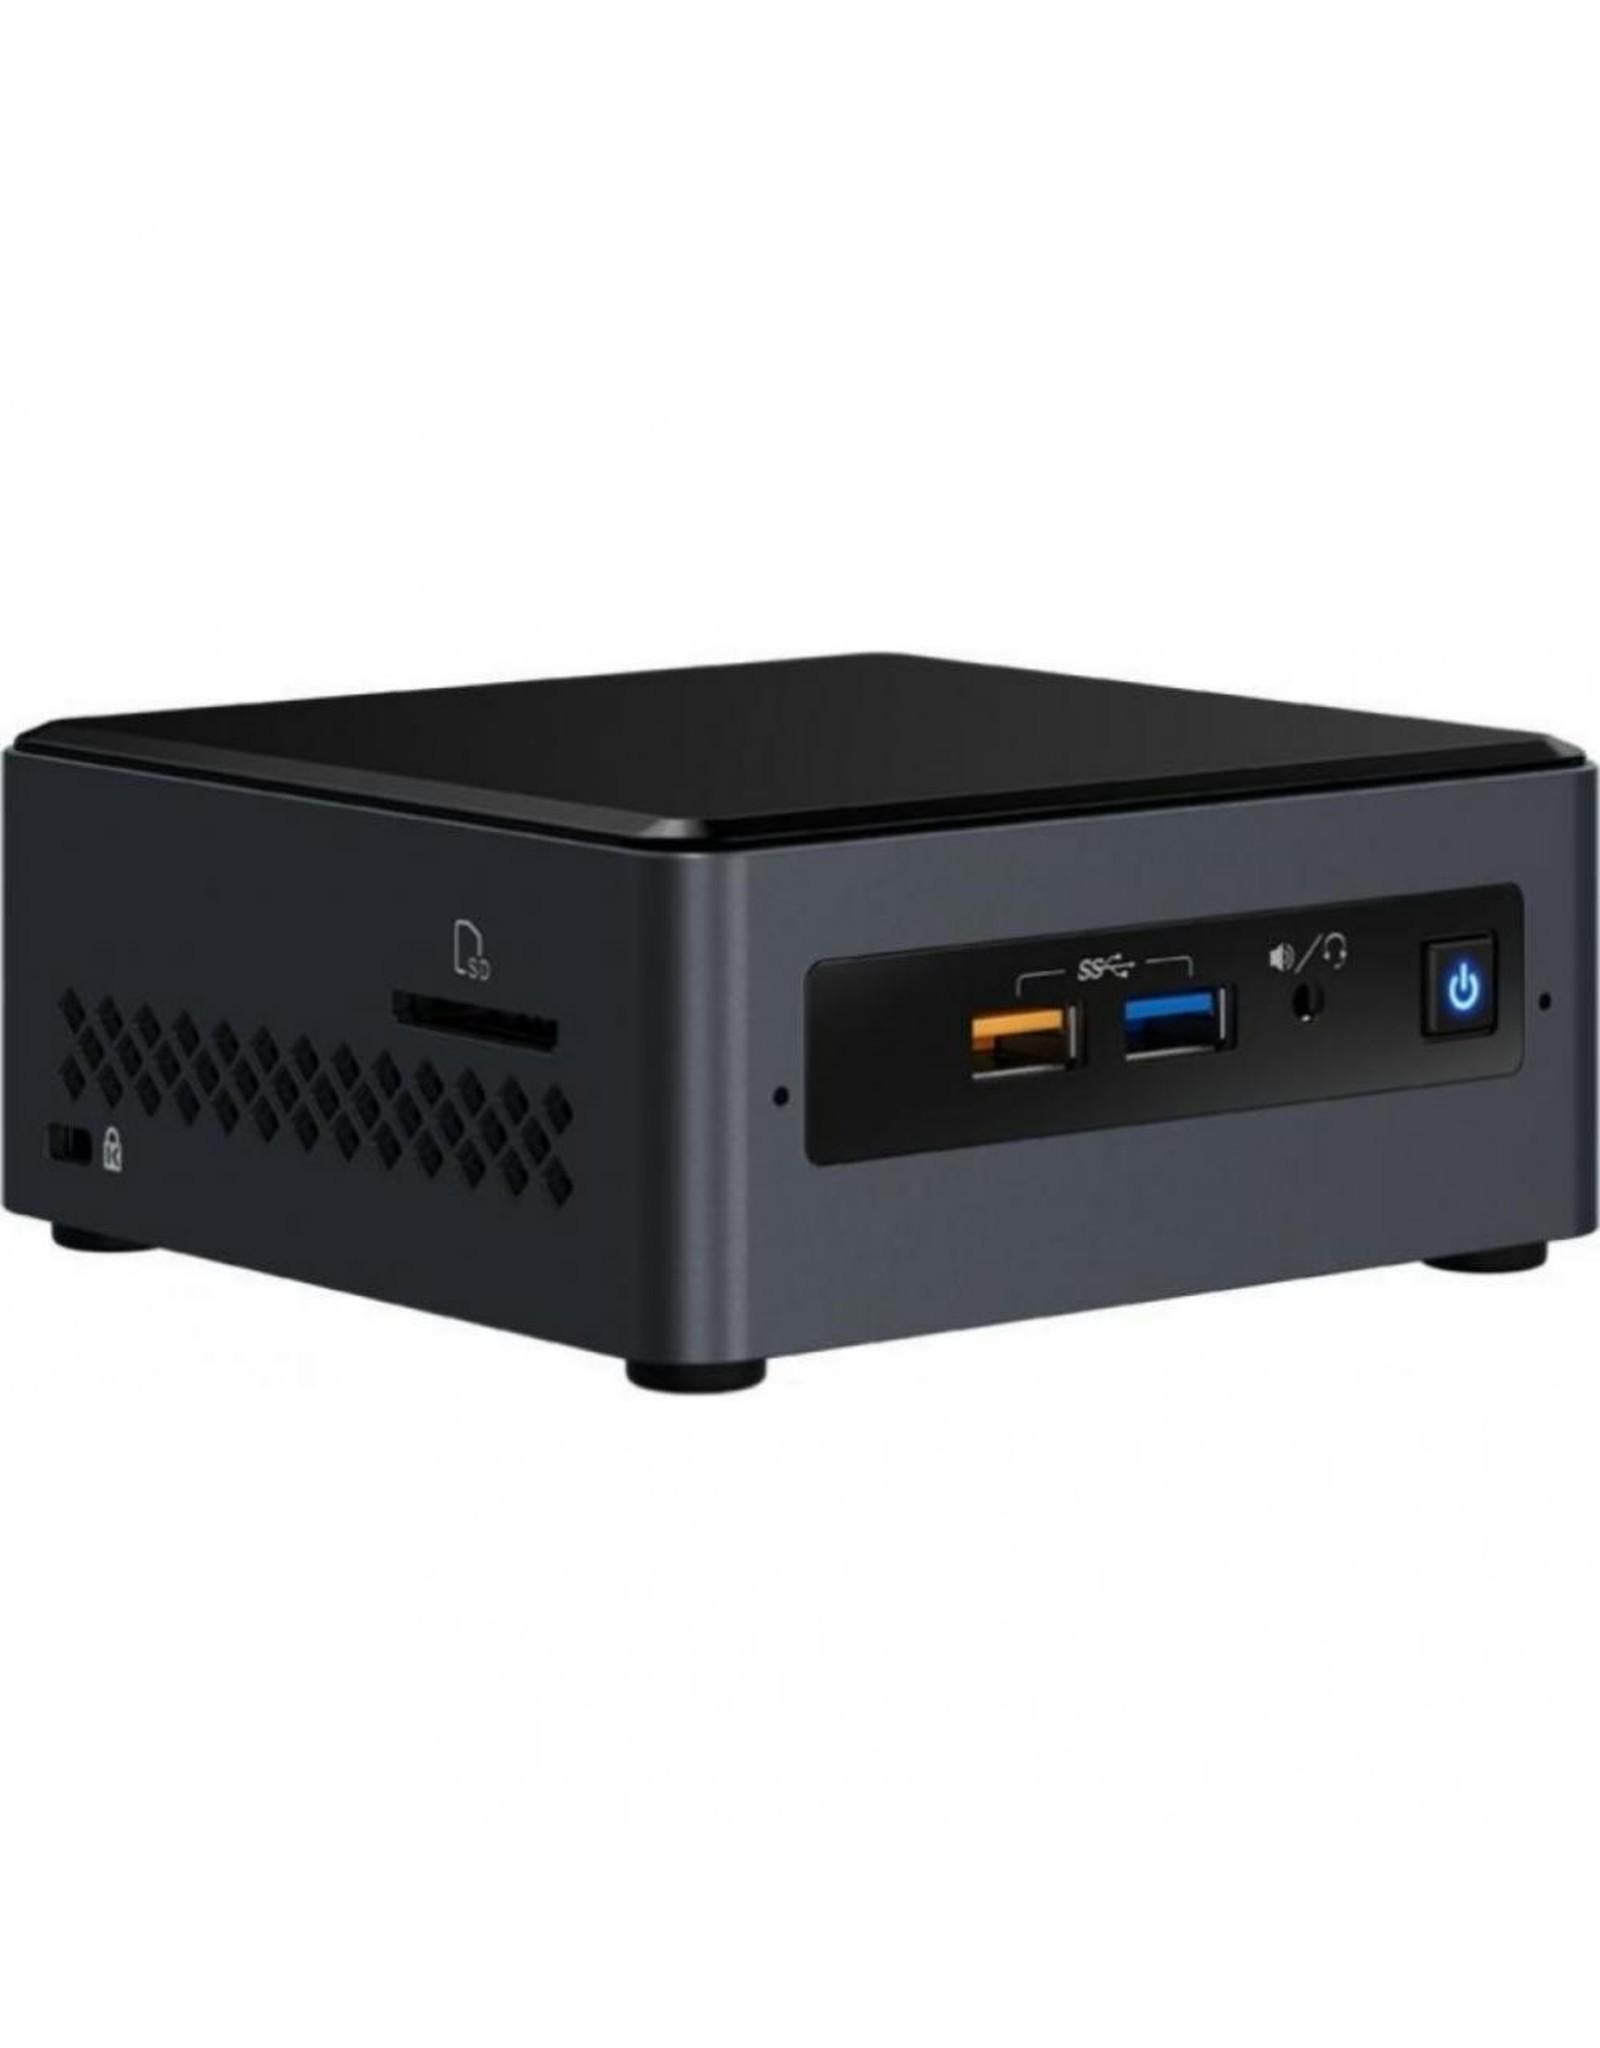 Intel NUC Pentium J5005 / QuadCore / 2 x HDMI / 2.5inch Bay